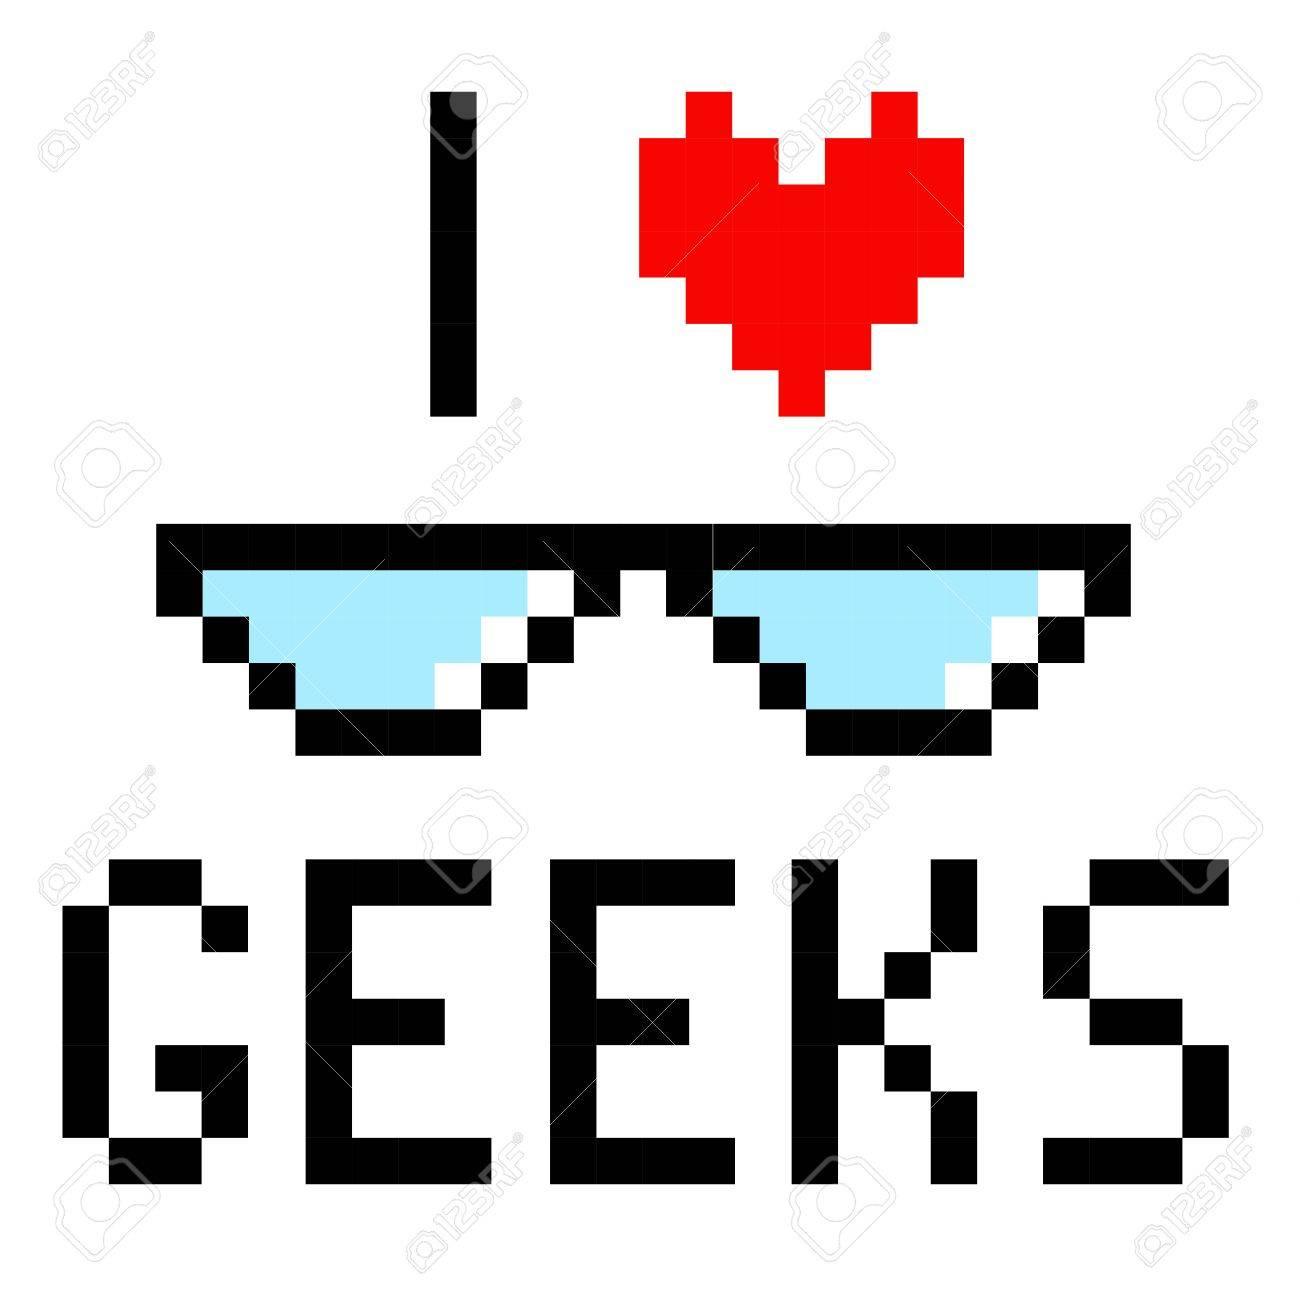 Lunettes Geek Pixel Art Dessin Animé Rétro Style De Jeu